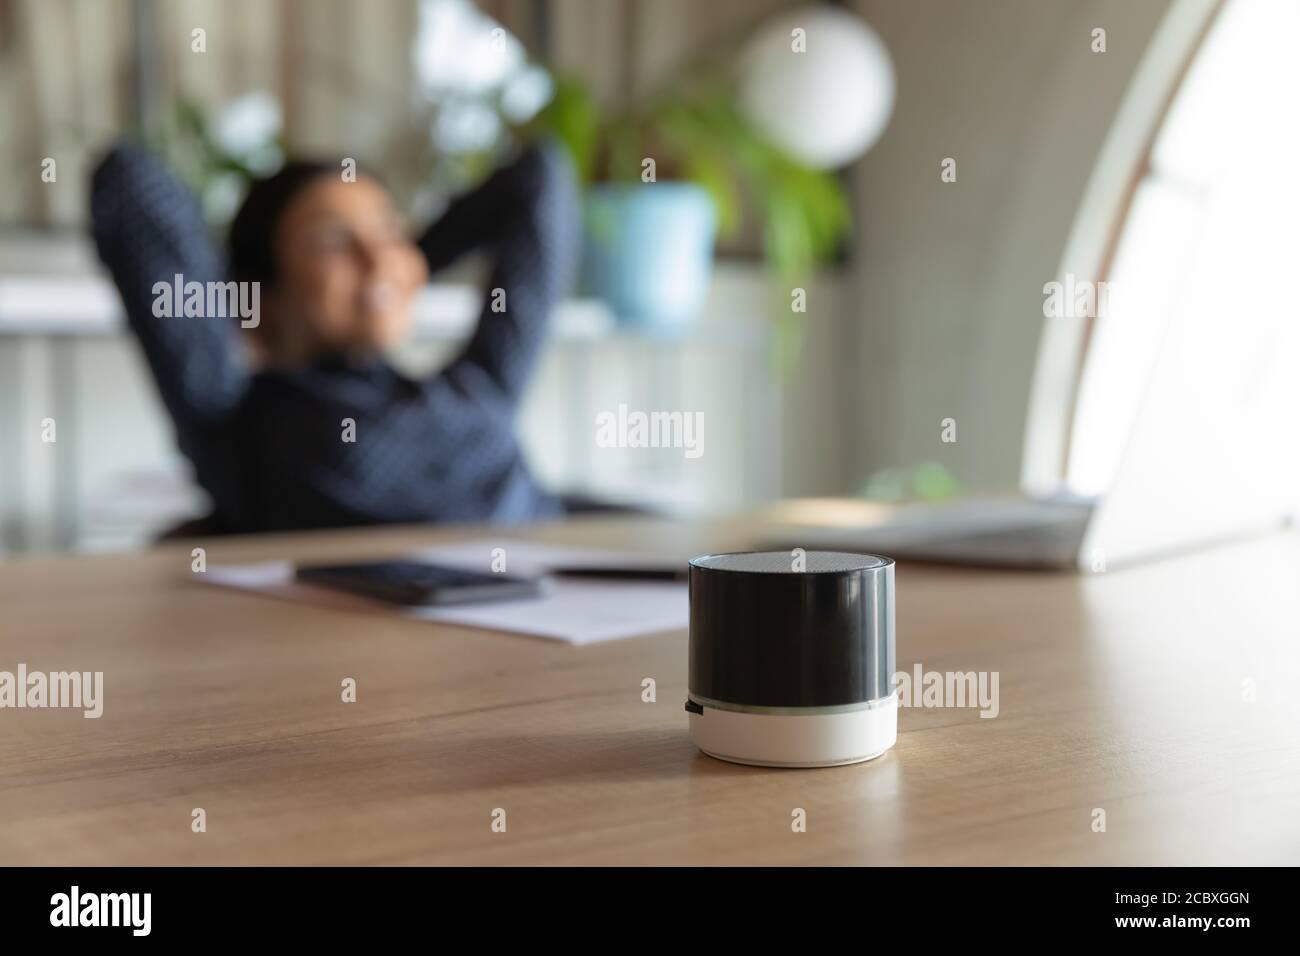 Gros plan sur le petit assistant numérique portable sur table. Banque D'Images